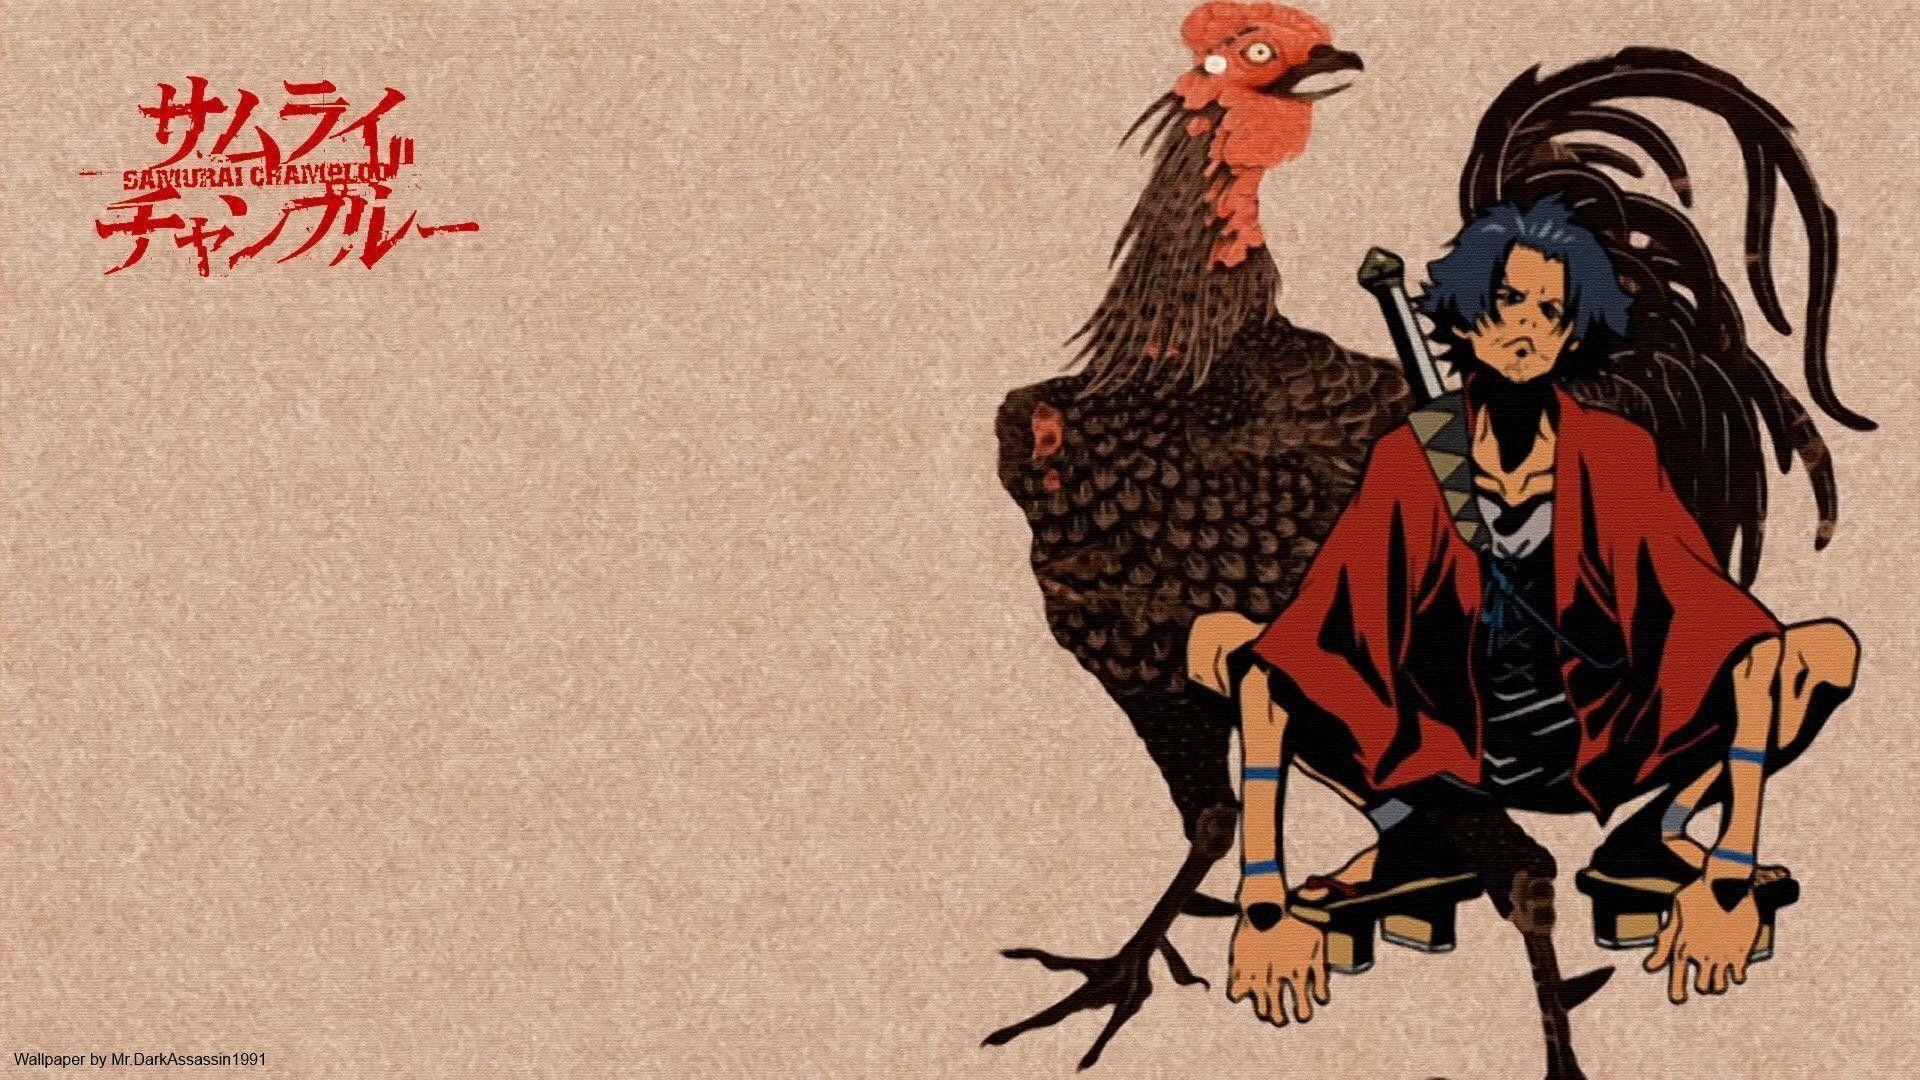 mugen samurai champloo wallpapers top